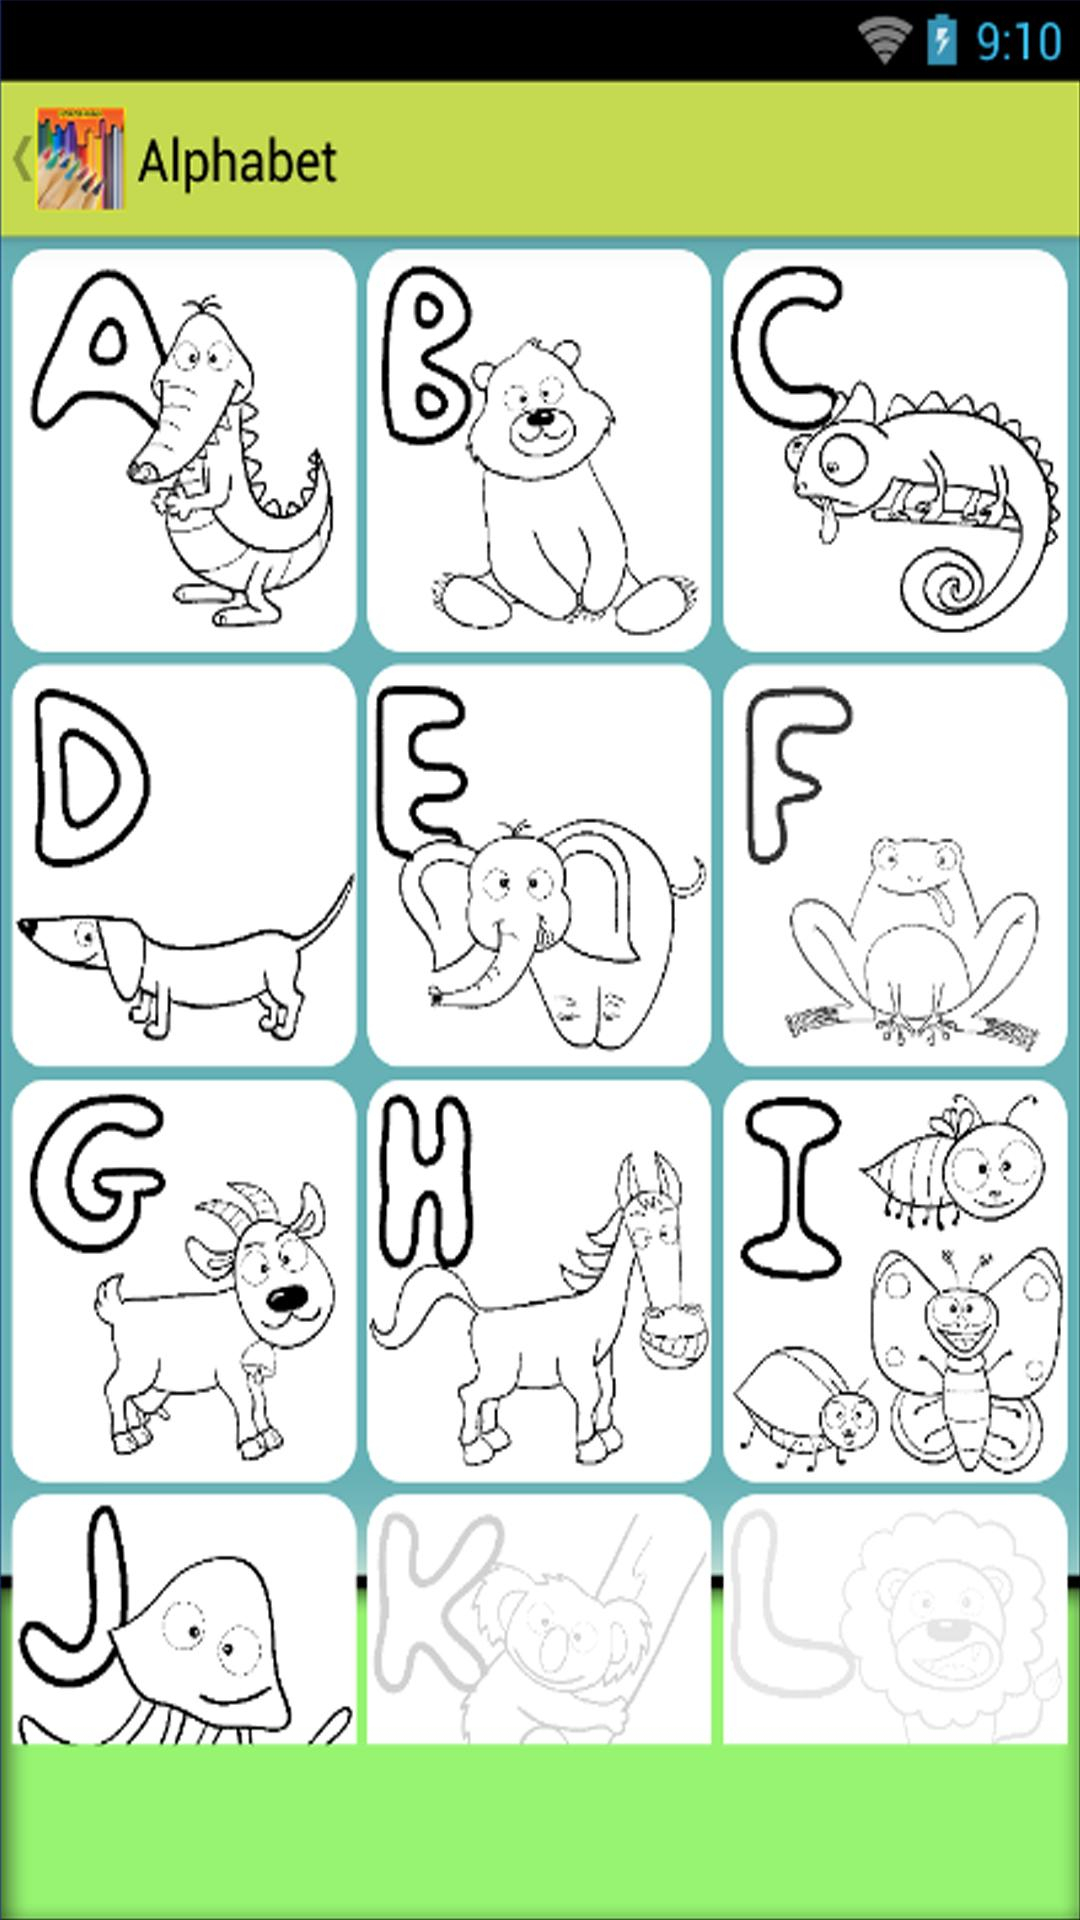 Android Için Coloriage Jeux Pour Enfants - Apk'yı İndir encequiconcerne Jeux Pour Enfan